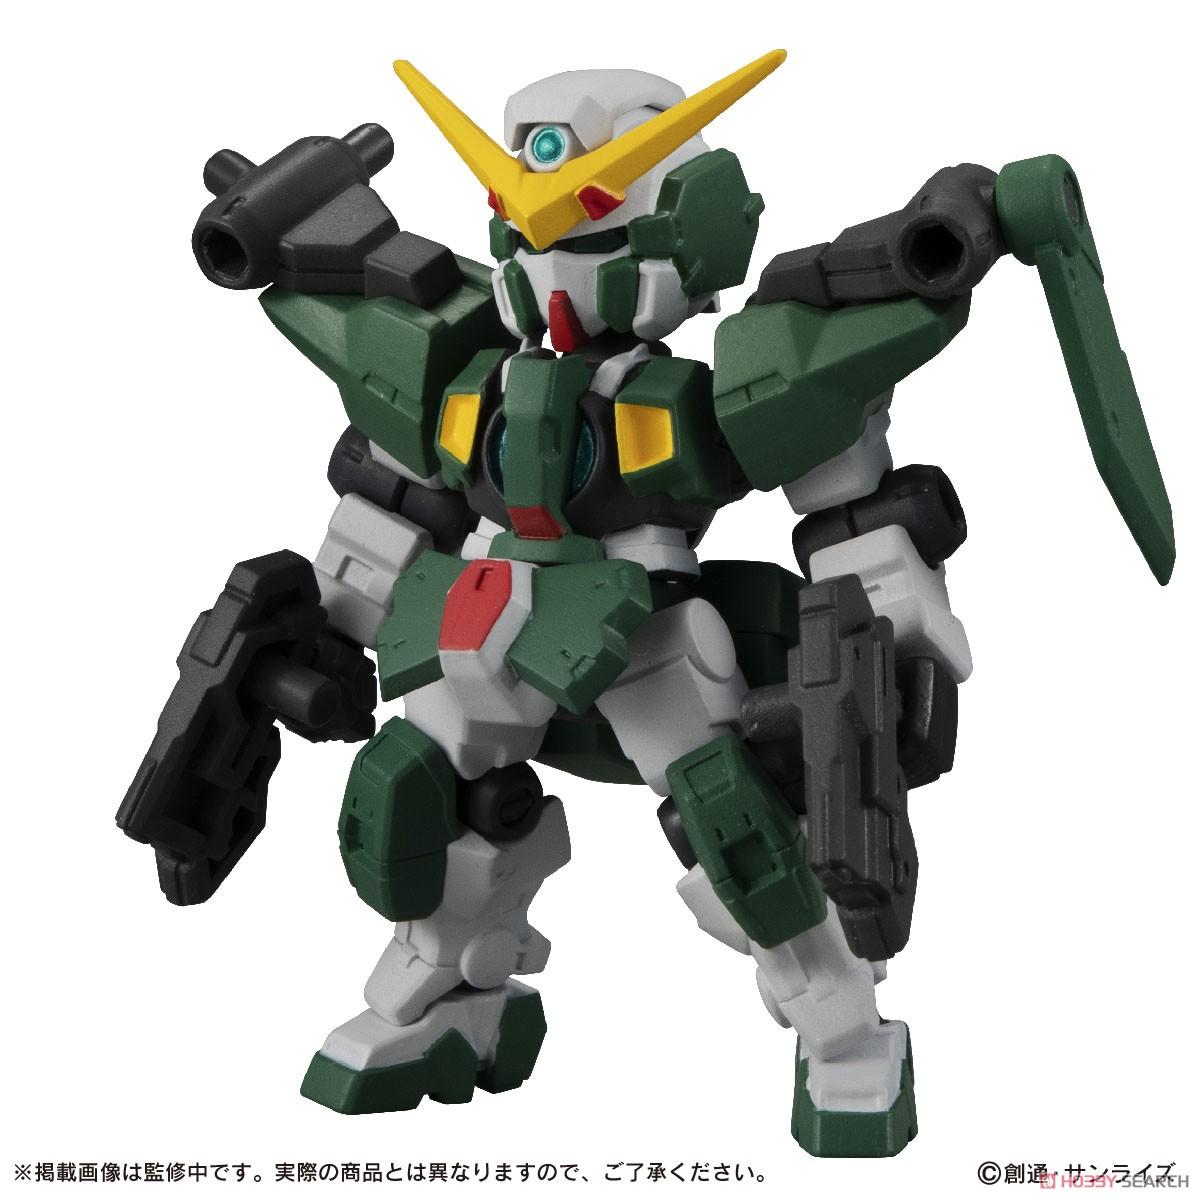 機動戦士ガンダム『MOBILE SUIT ENSEMBLE15』デフォルメ可動フィギュア 10個入りBOX-002